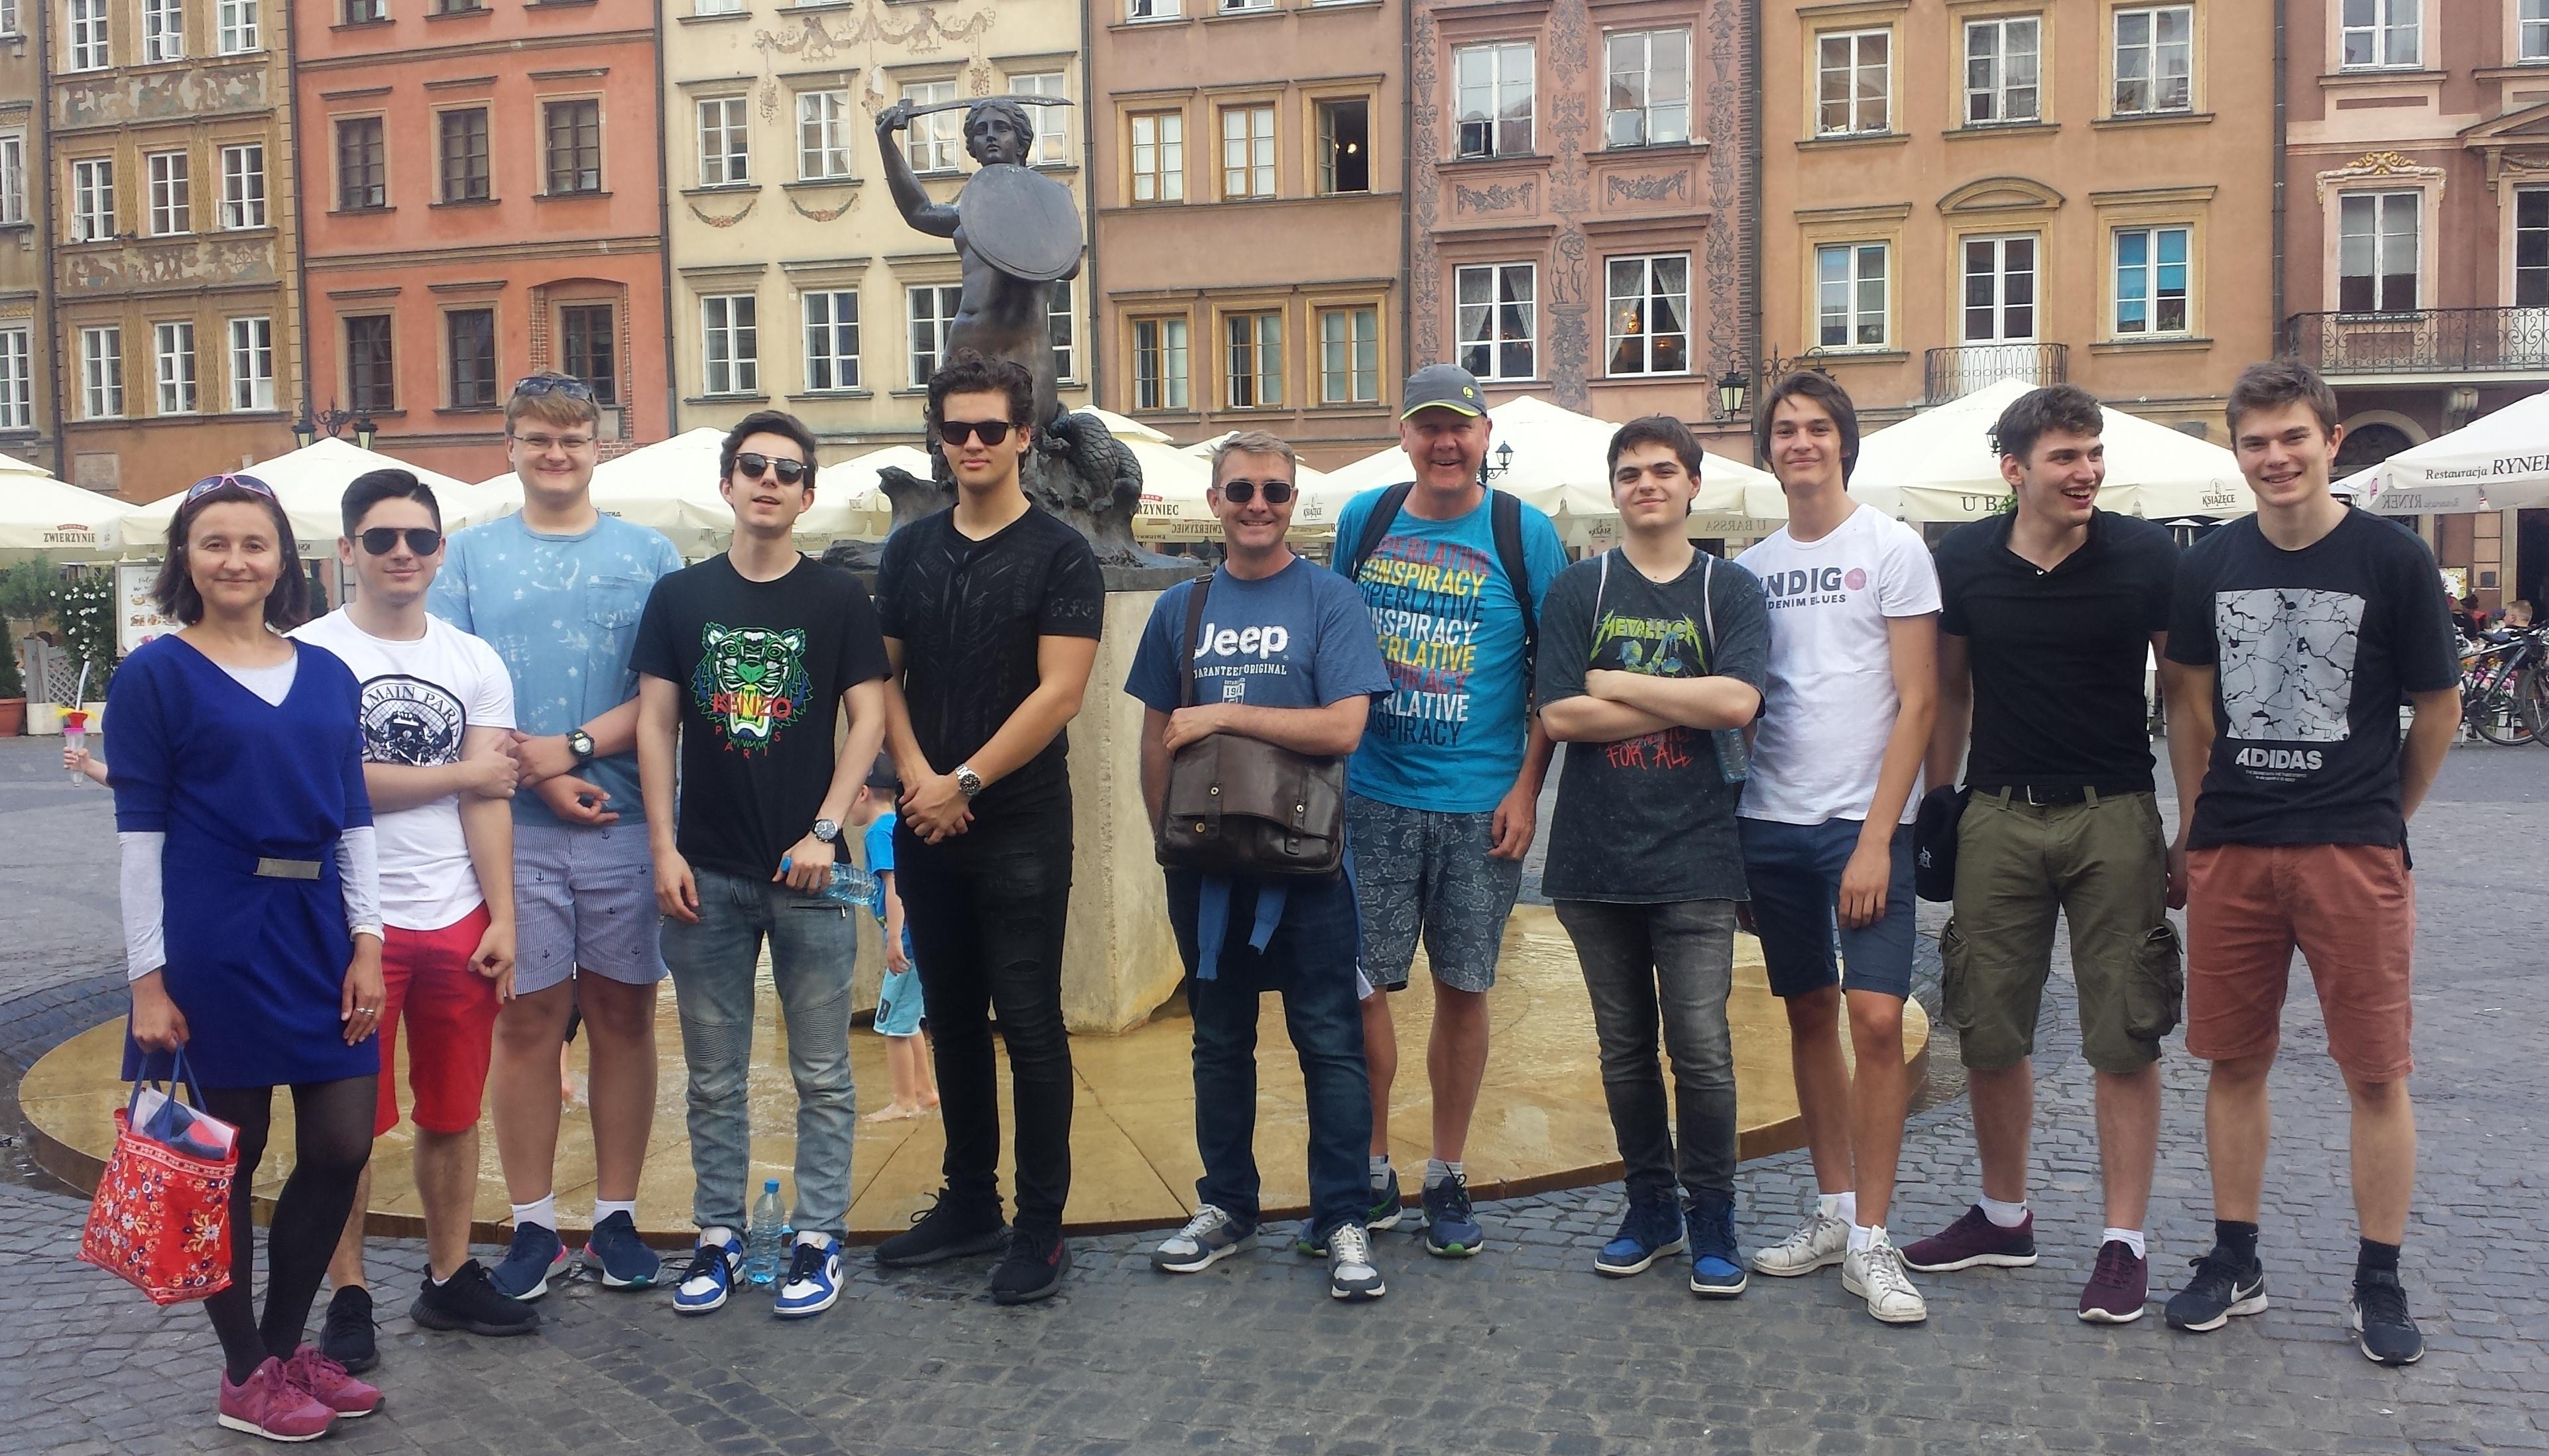 Step in Warsaw - Stadtführerin in Warschau. Die jungen internationalen Freiwilligen mit der Meerjungfrau im Hintergrund. Sie kamen nach Polen, um eine Woche im Rahmen der Organisation Habitat for Humanity zu arbeiten. Warschau-Tour vor der Reise zum Bauplatz. Warschau, 02.06.2019.